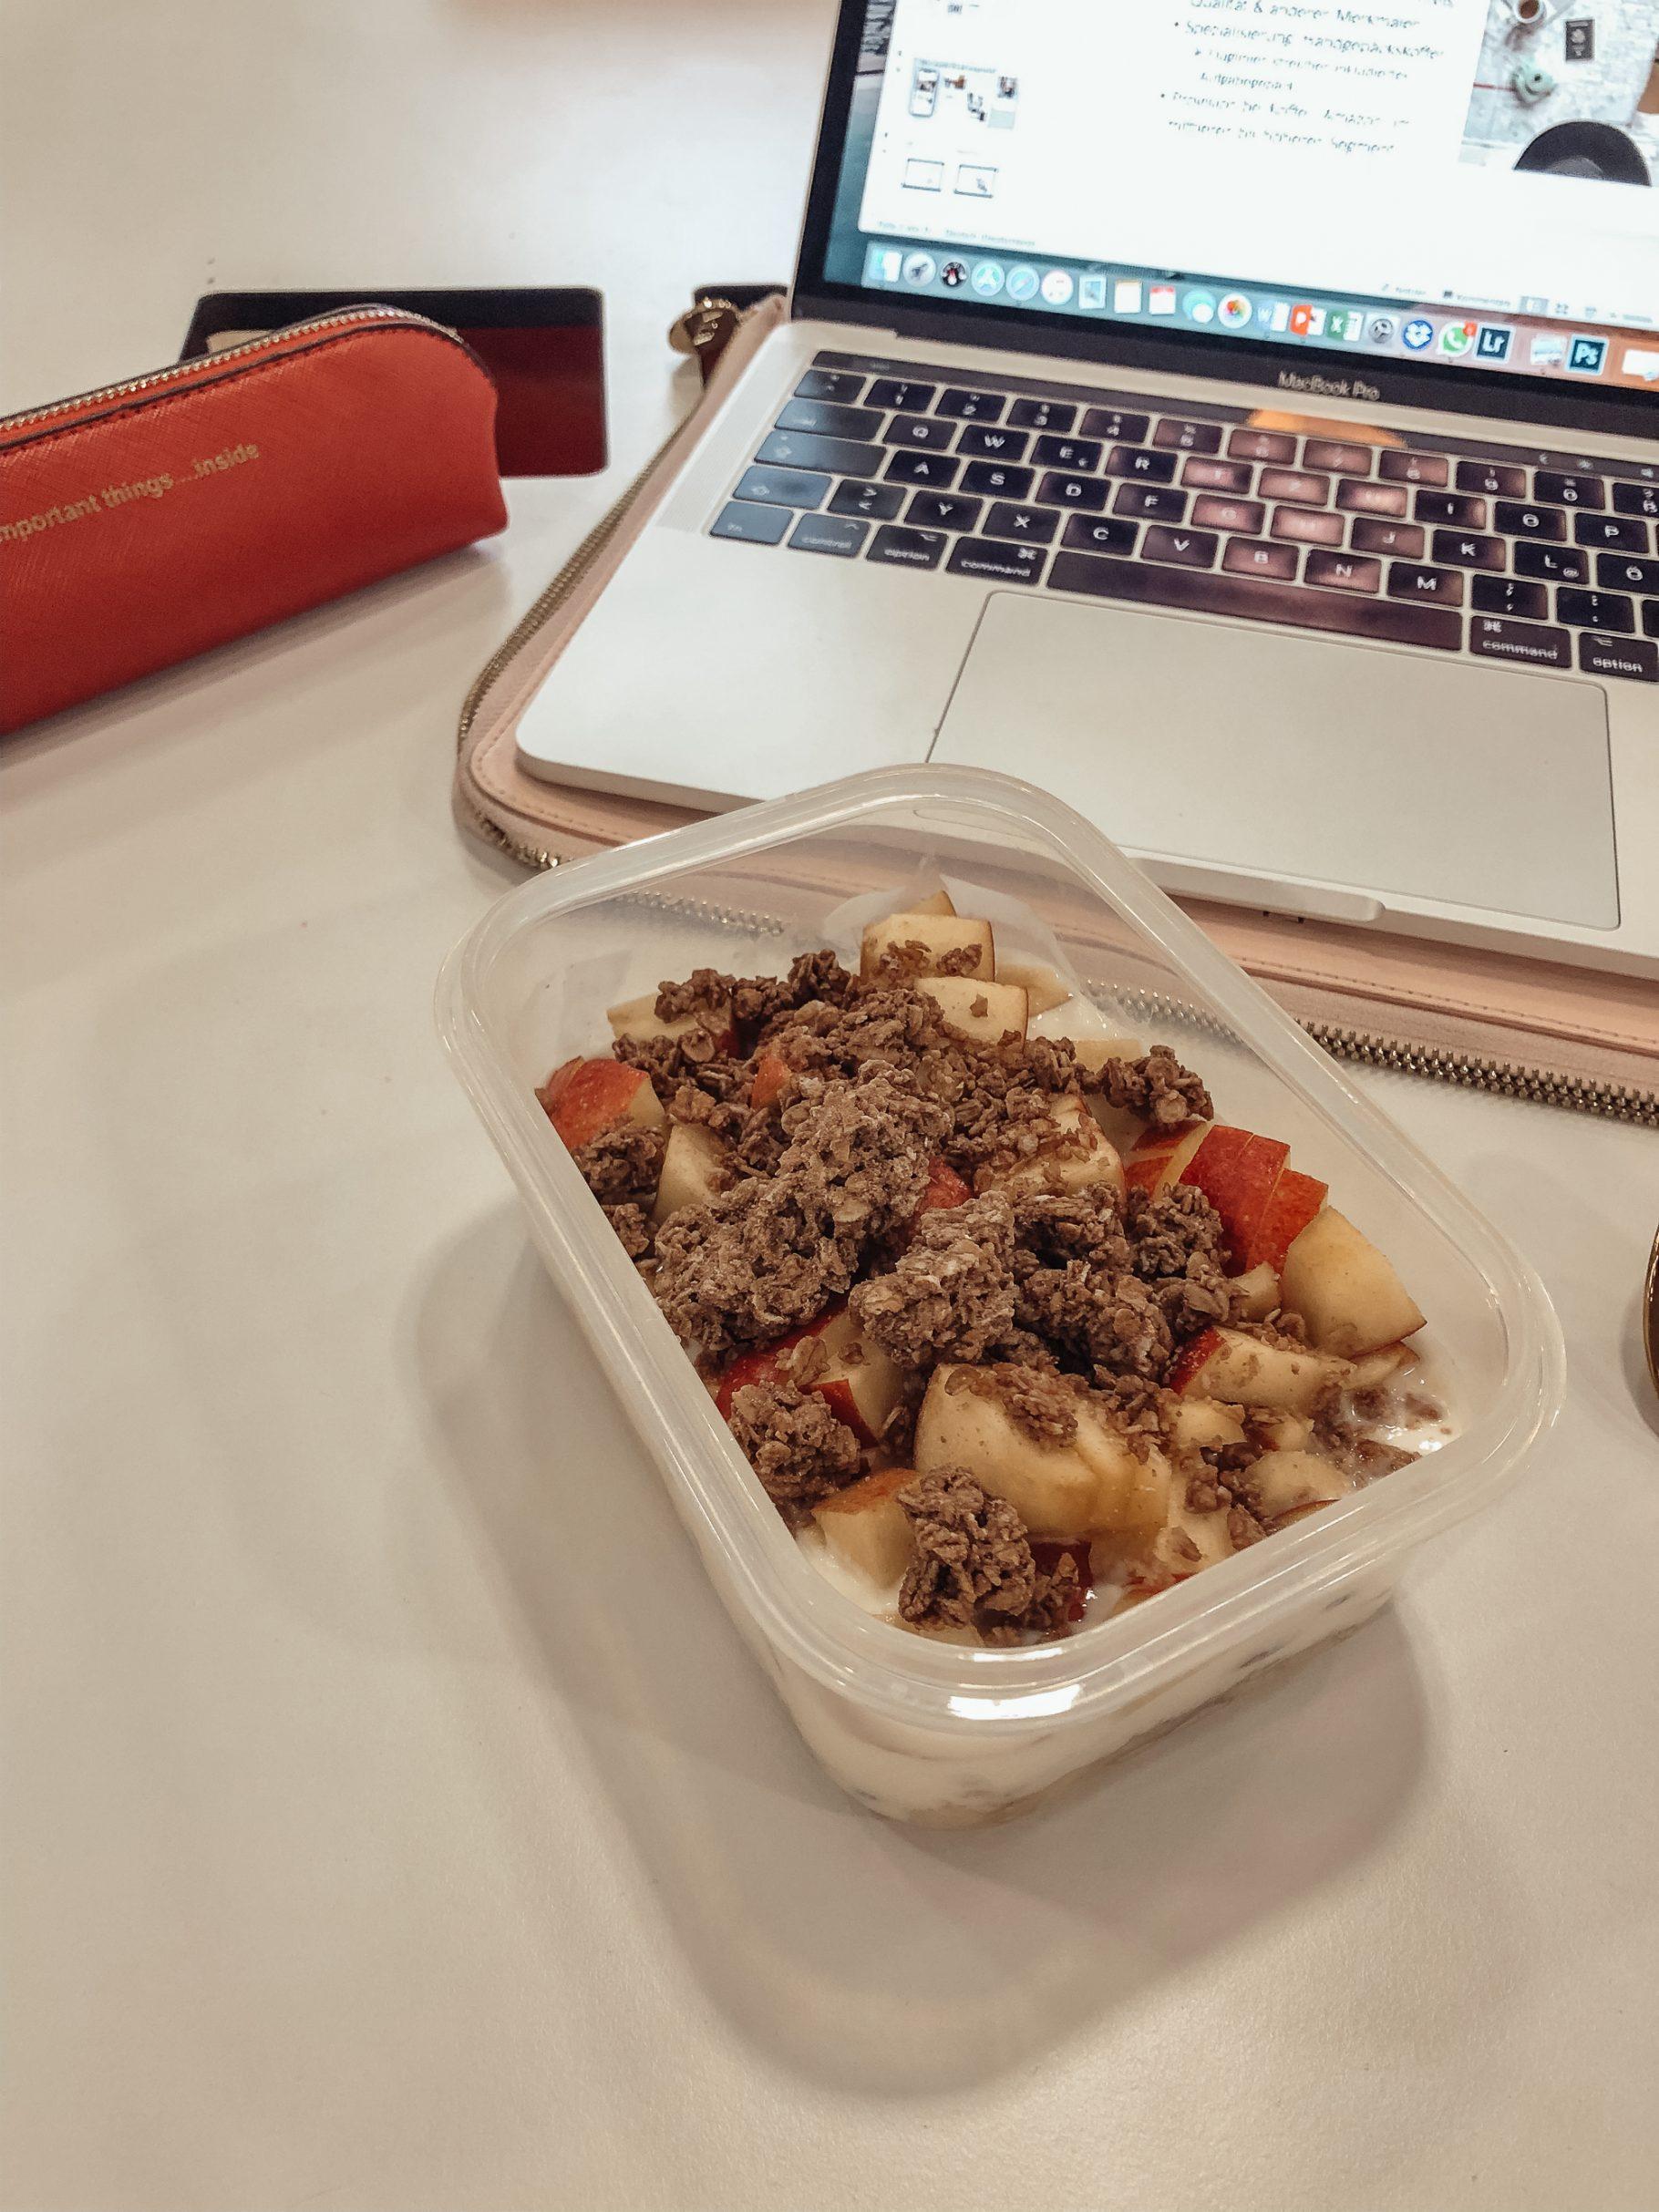 What I Eat in a Day #7: Tupperware Food auf dem österreichischen Lifestyle Blog Bits and Bobs by Eva. Mehr Essen auf www.bitsandbobsbyeva.com